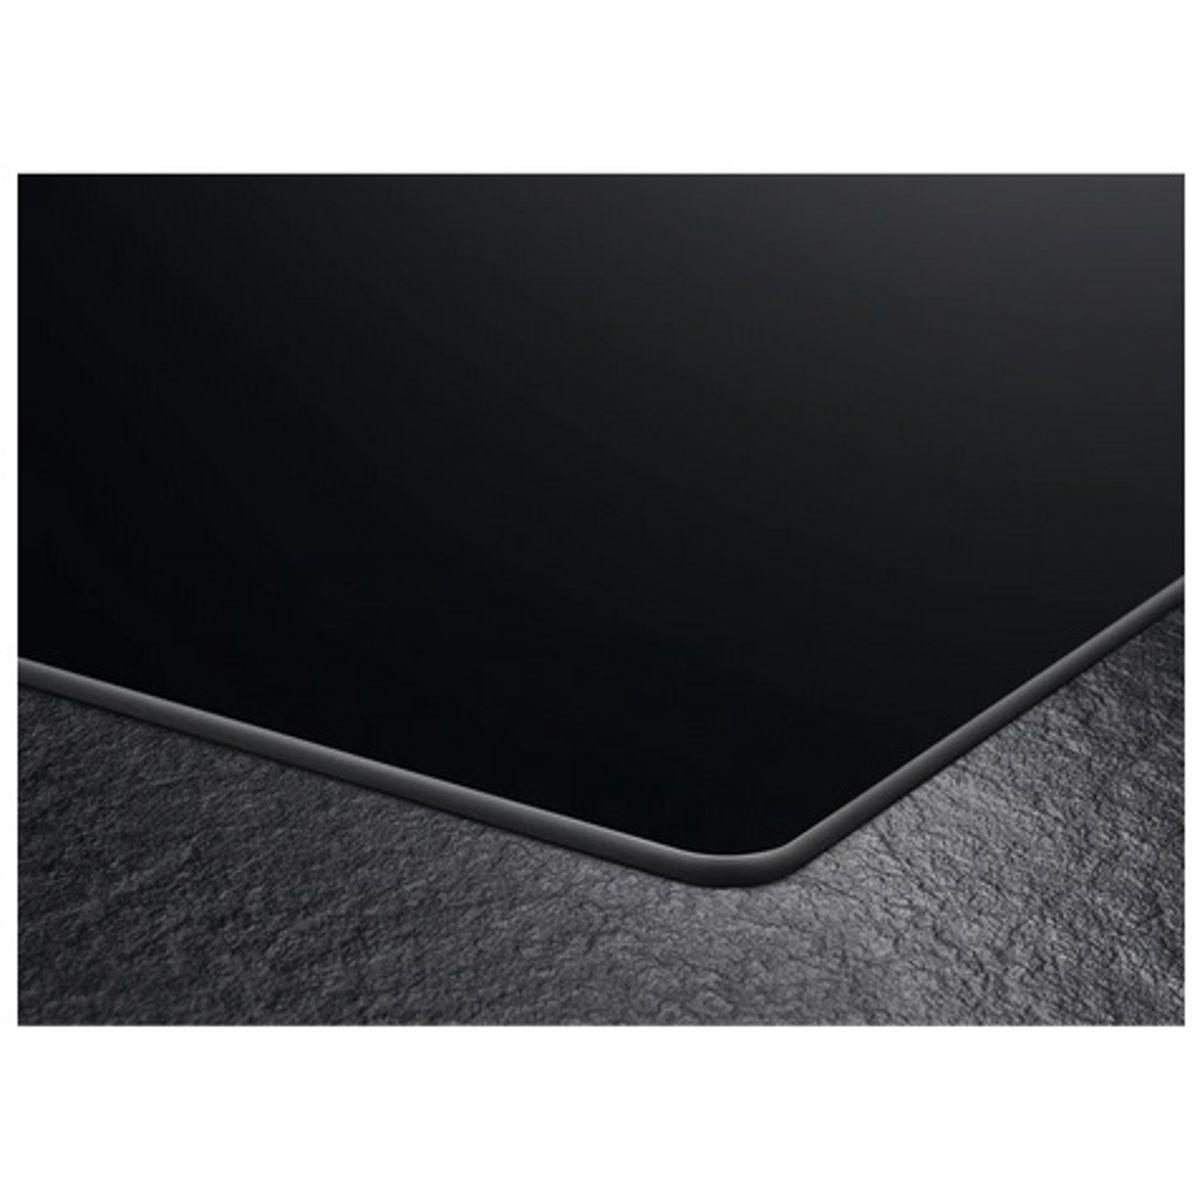 AEG Autarkes Kochfeld mit integriertem Dunstabzug / 83cm / Induktion / Umluft / Touchbedienung IDE84243IB – Bild 4